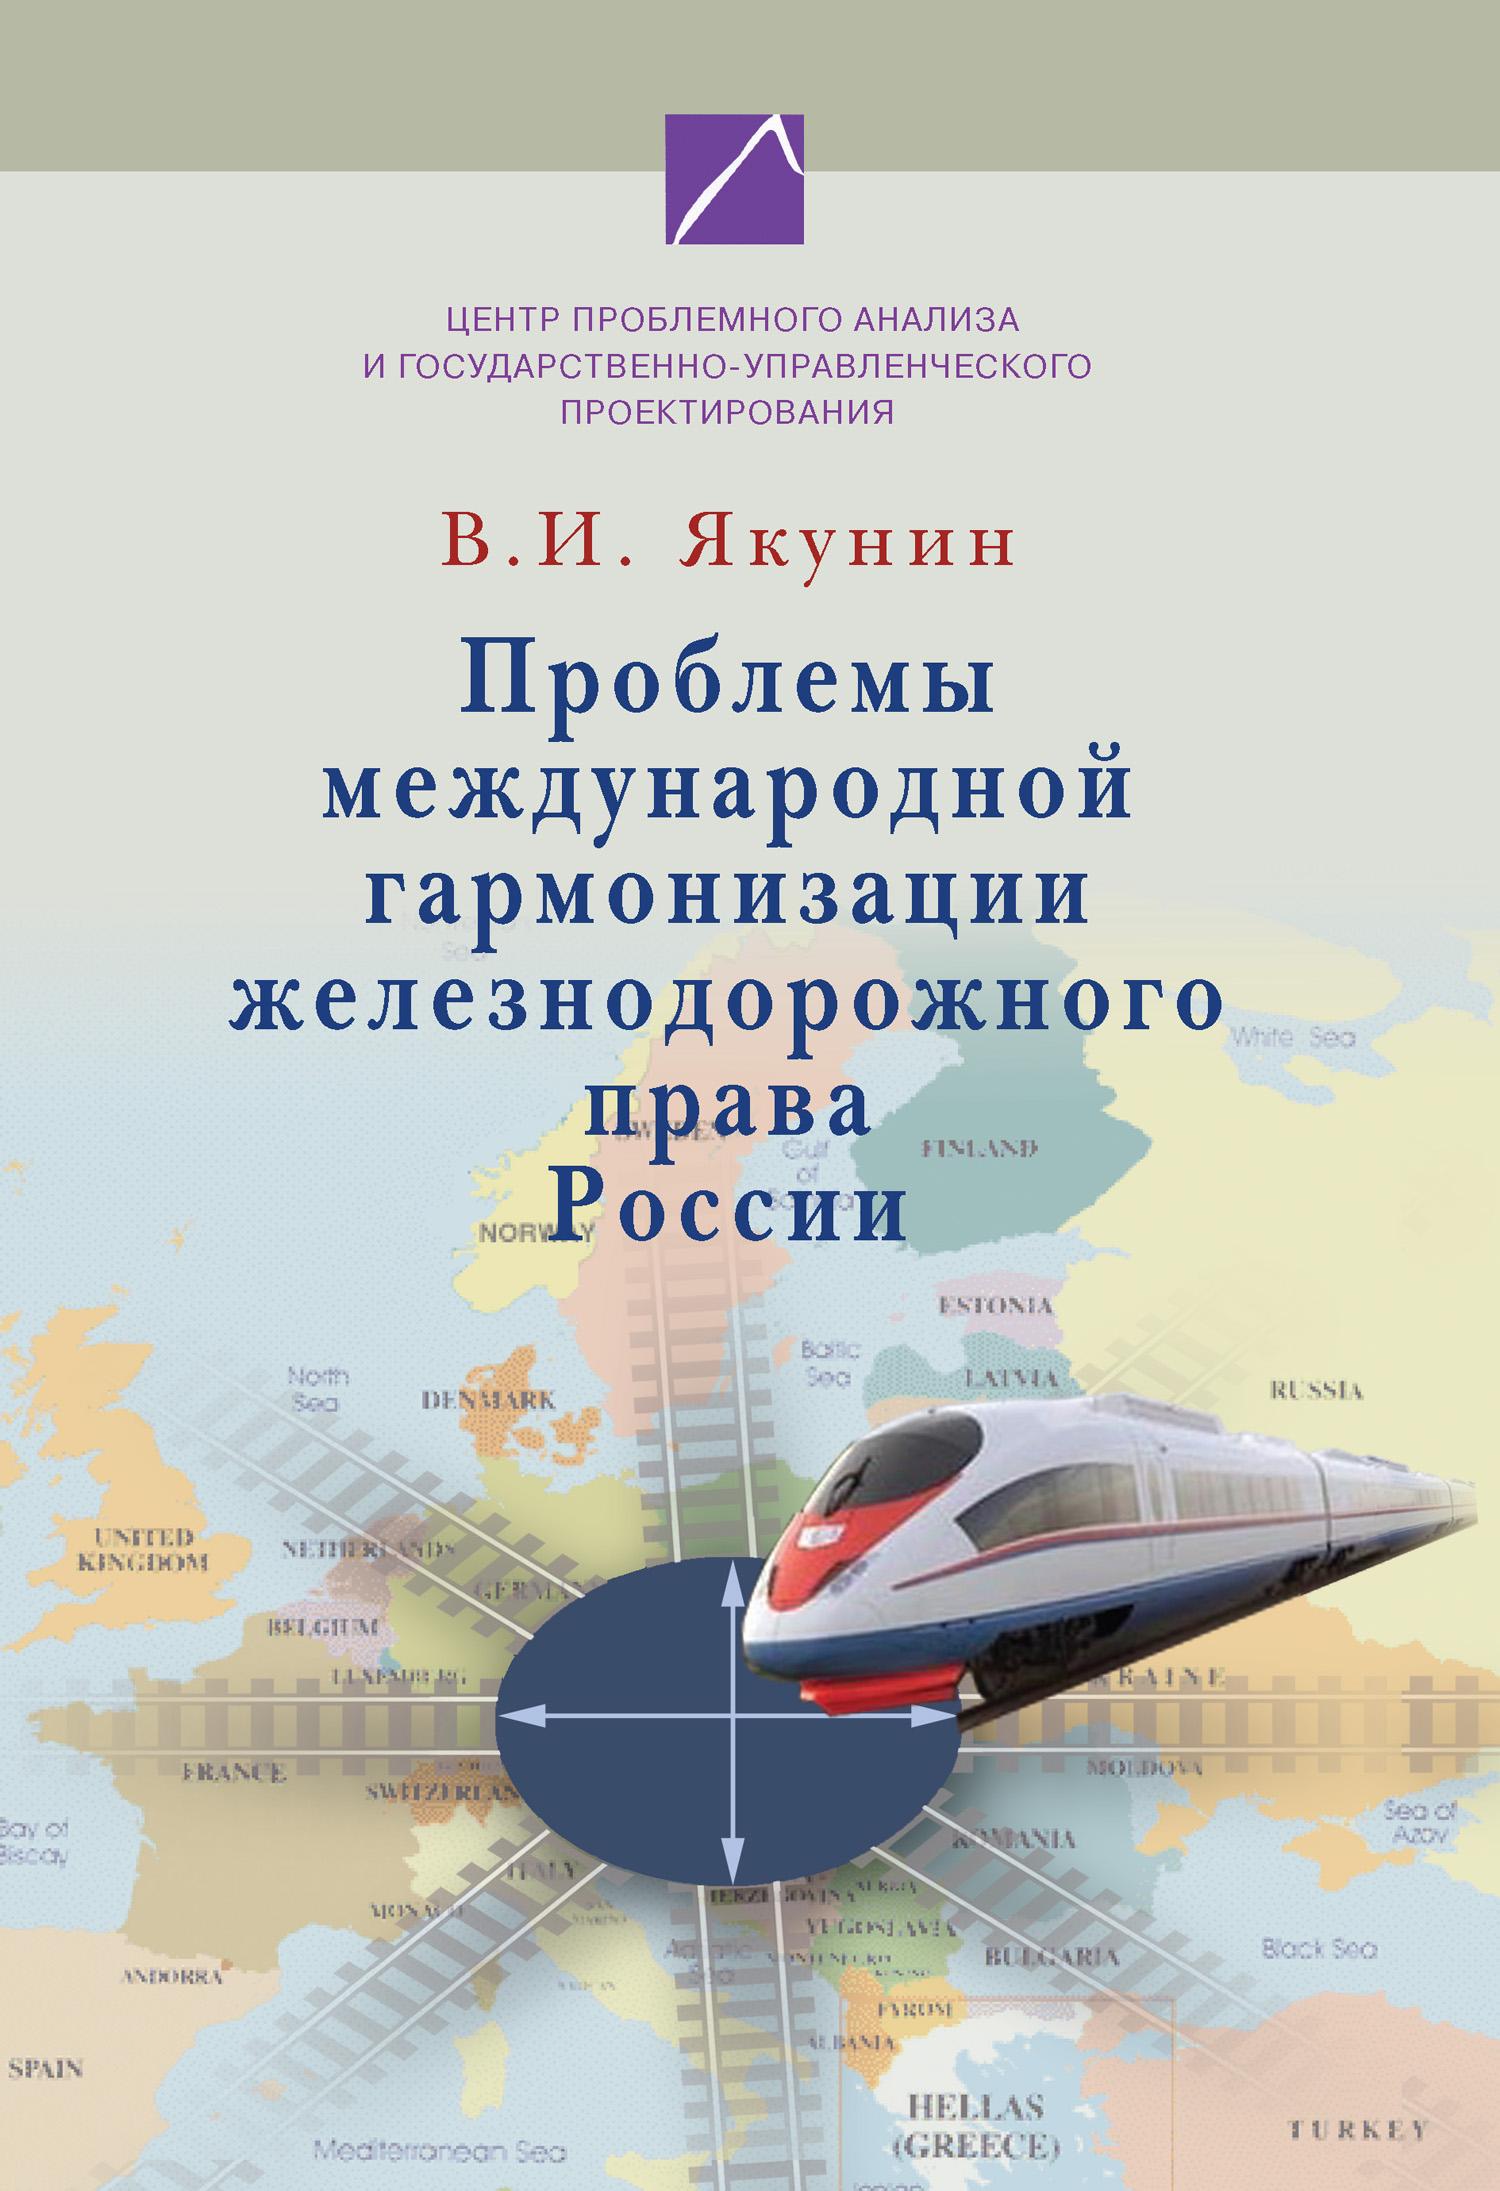 В. И. Якунин Проблемы международной гармонизации железнодорожного права России мфу железнодорожного